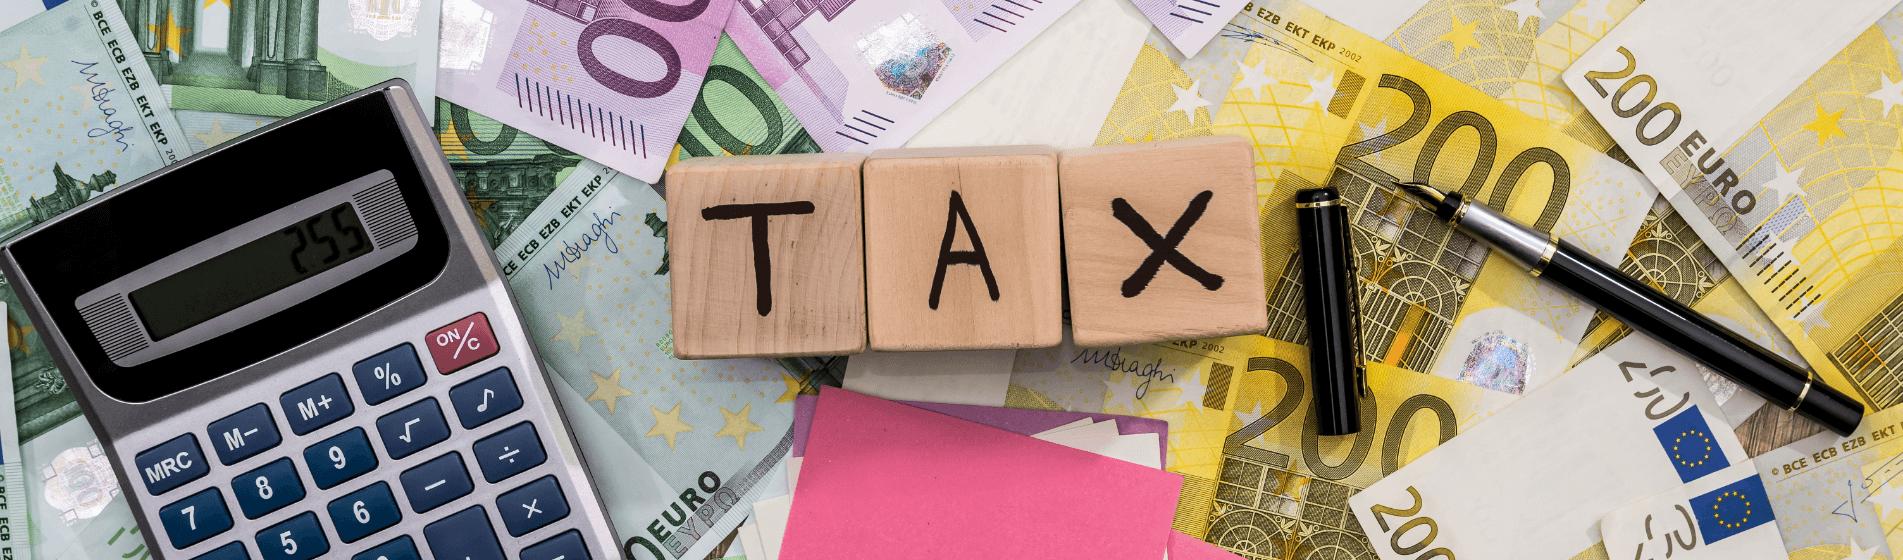 Form 8833: How to Claim Income Tax Treaty Benefits